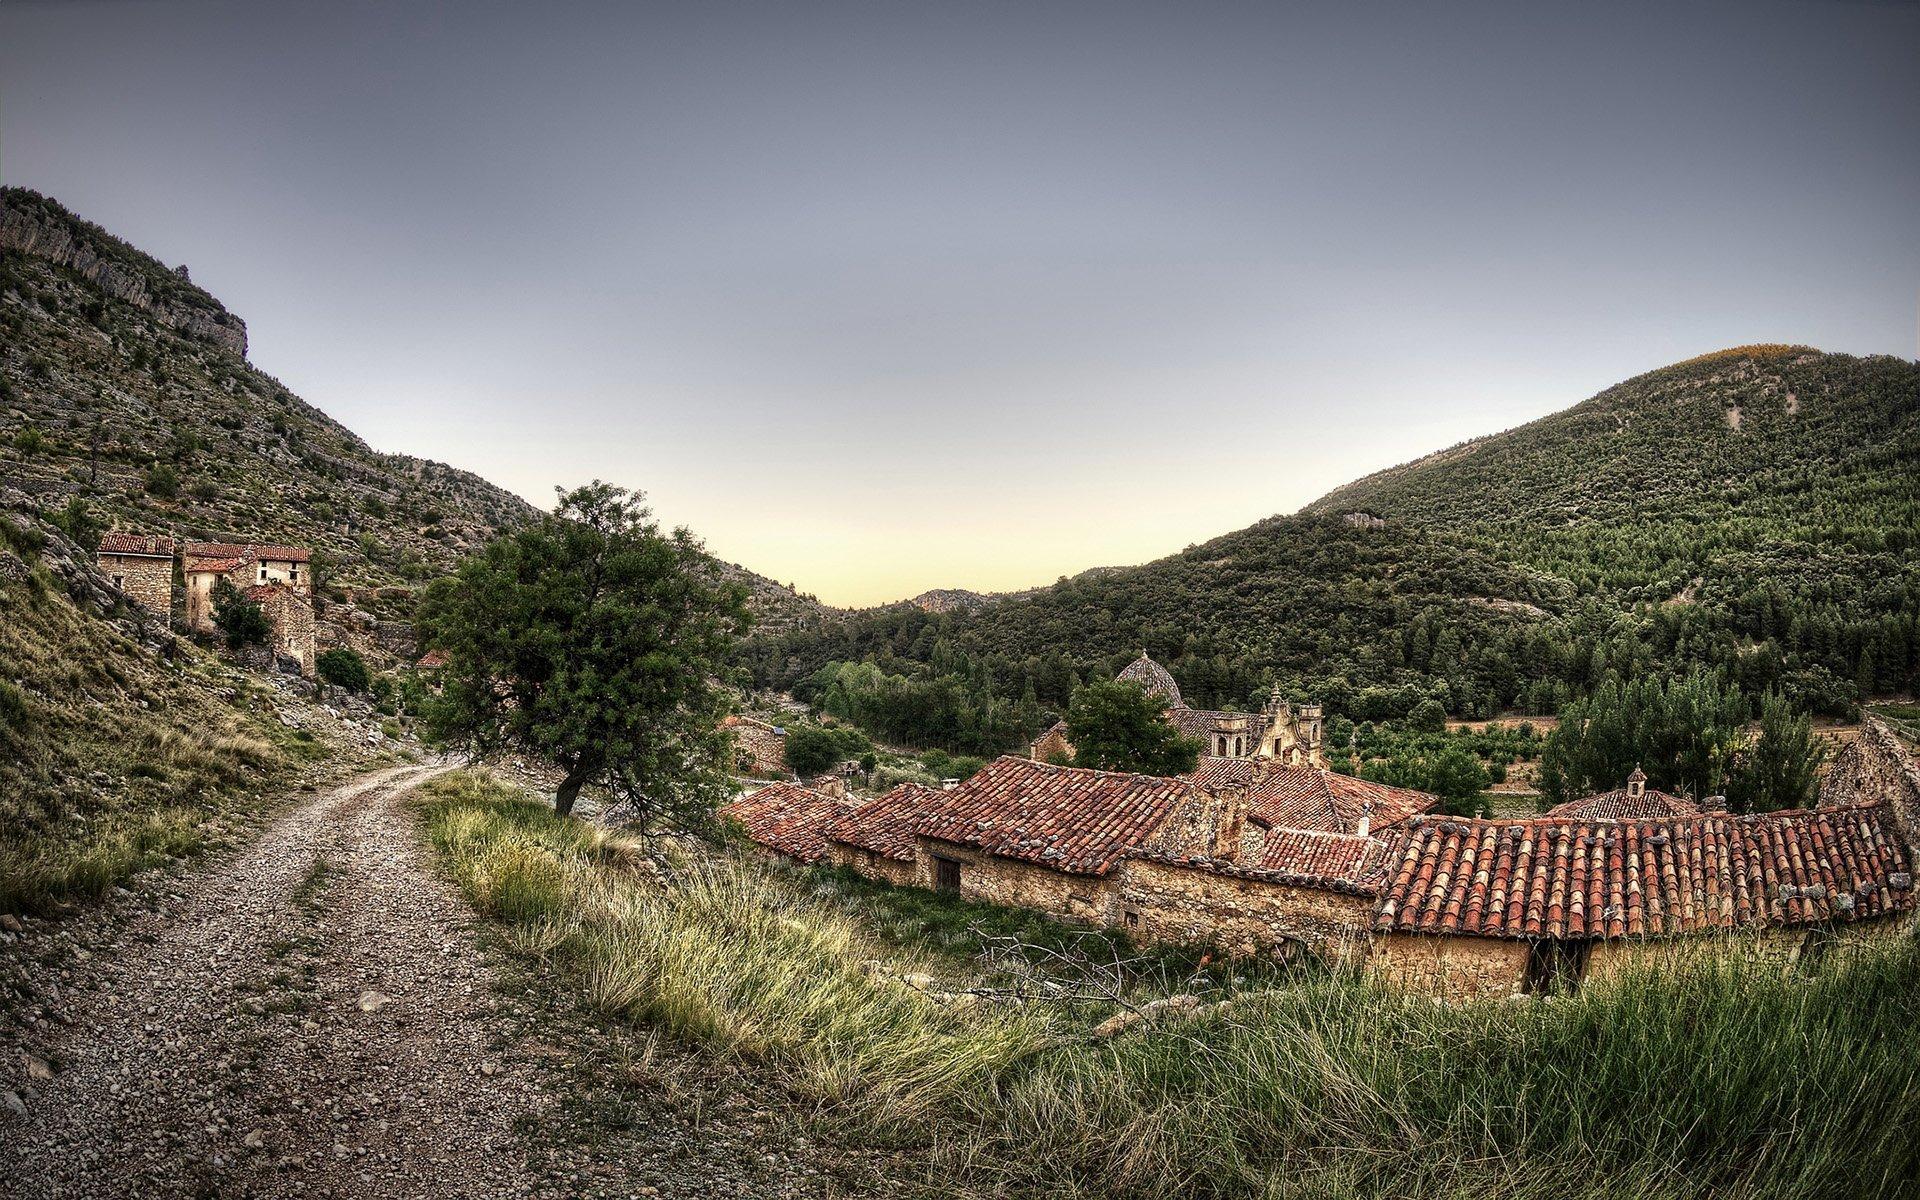 mosqueruela köyü